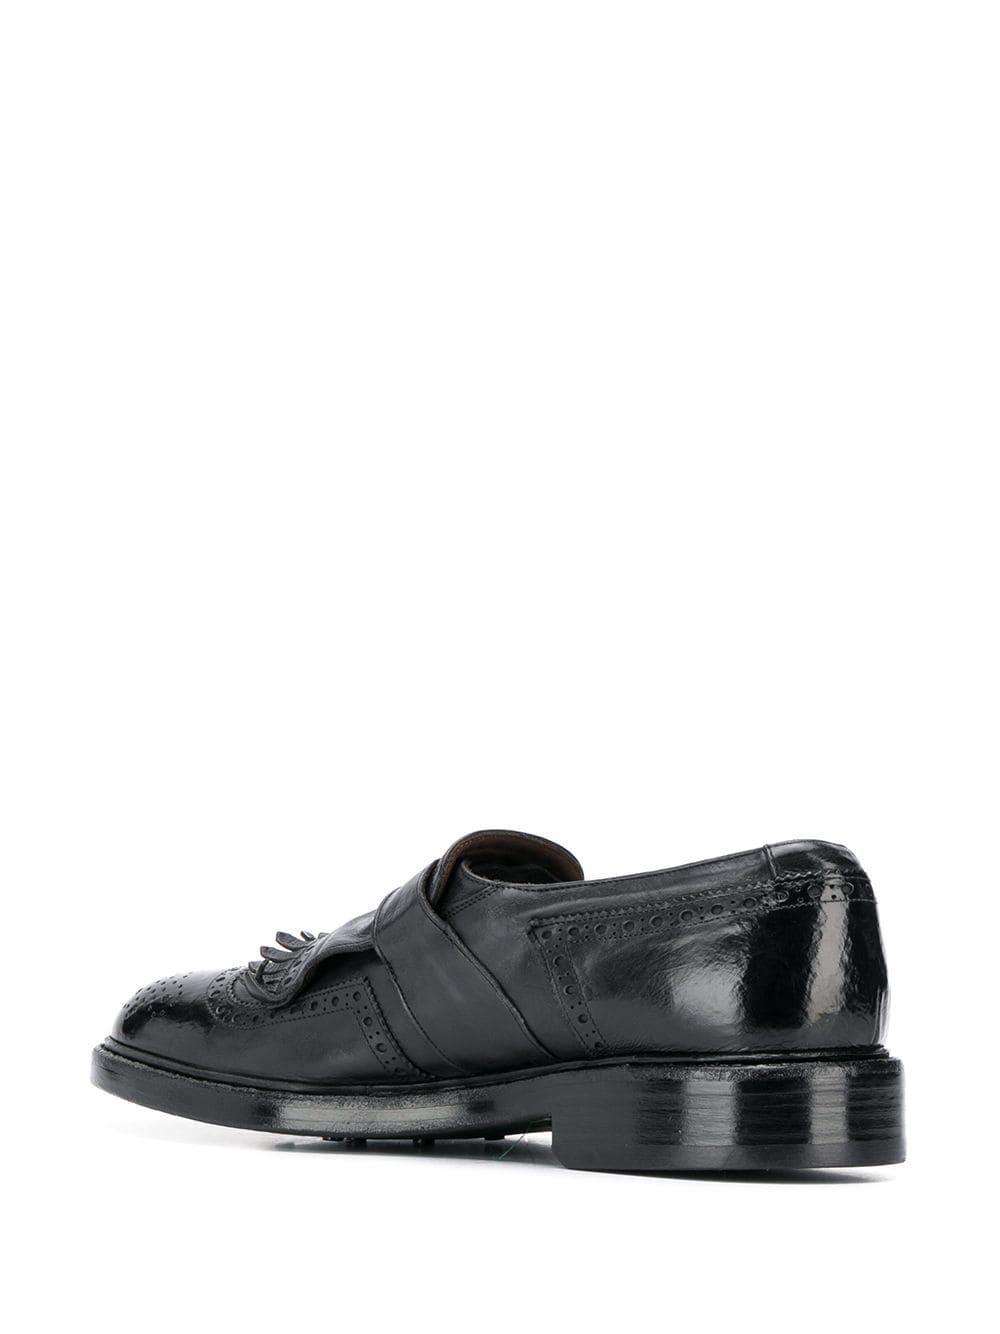 Zapatos monk con detalle de hebilla Green George de hombre de color Negro